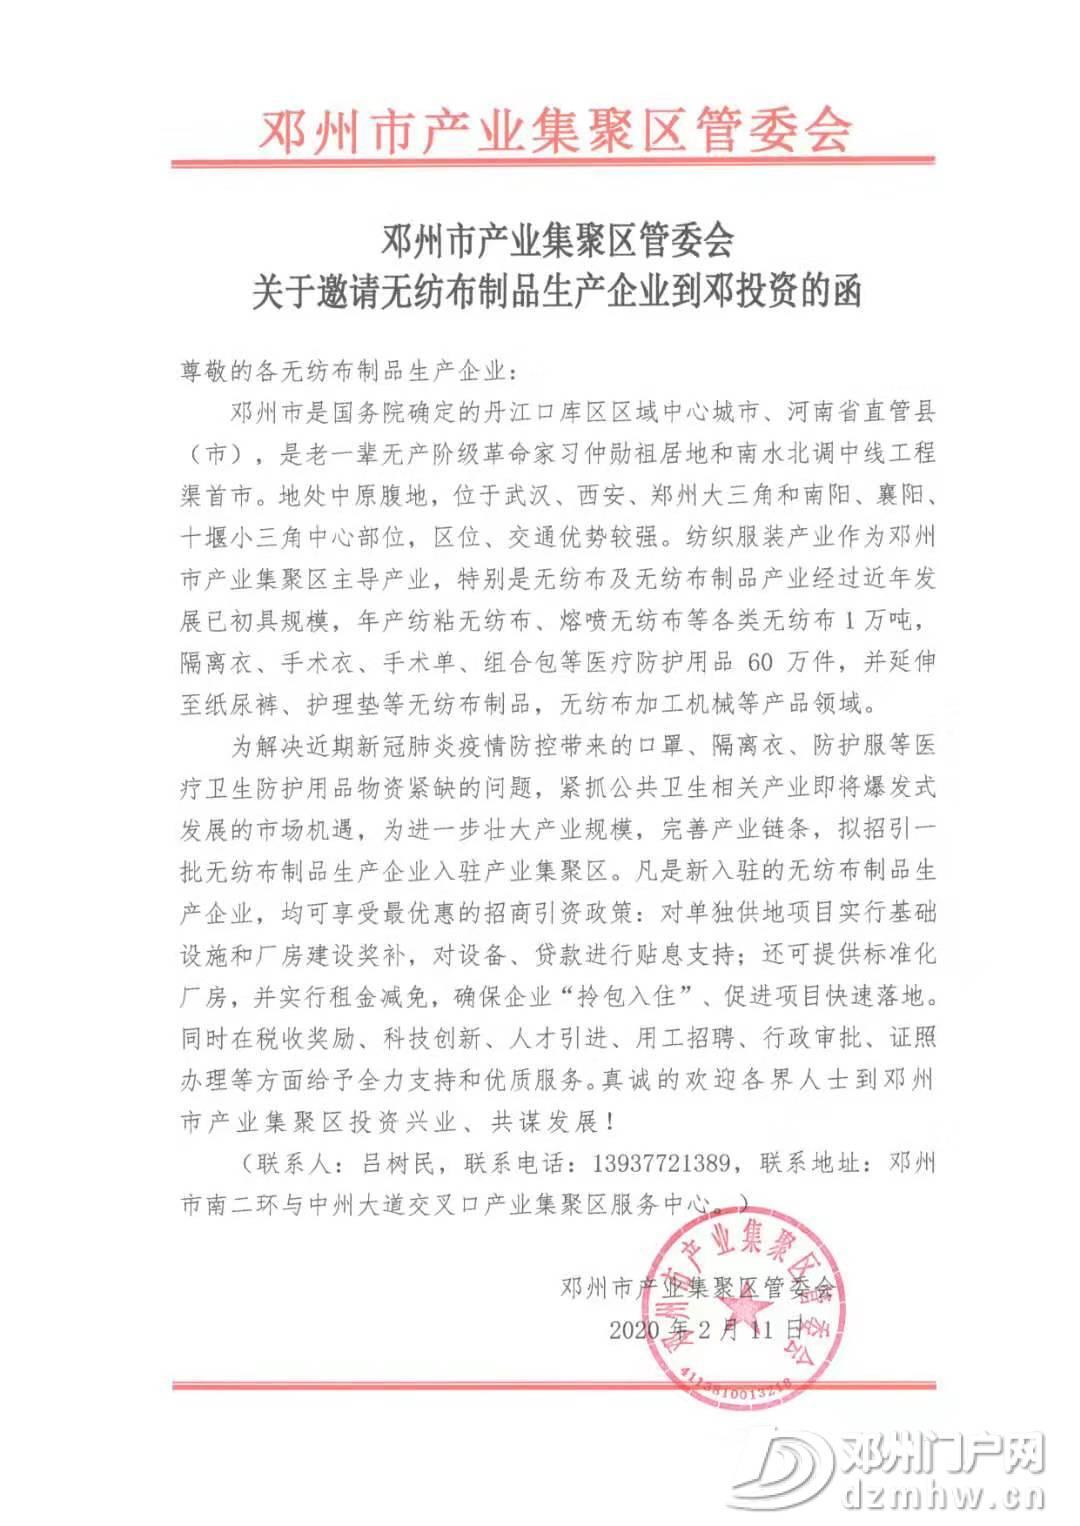 邓州市关于邀请无纺布制品生产企业到邓投资的函! - 邓州门户网|邓州网 - 微信图片_20200212150424.jpg